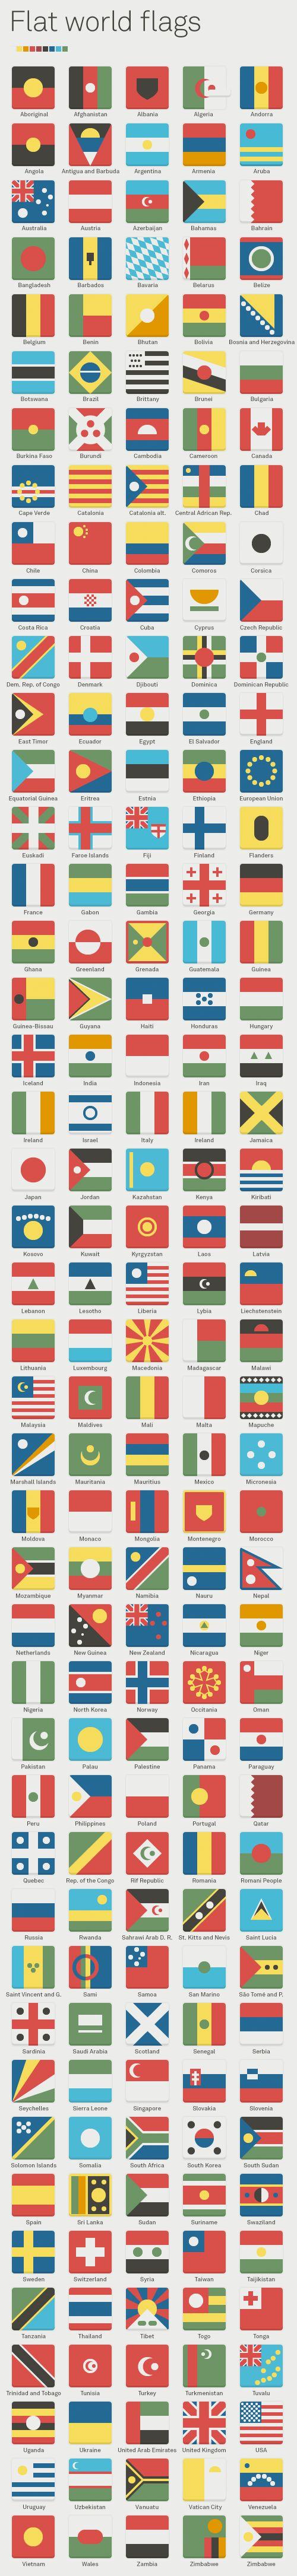 Flat world flags by Albert Casado